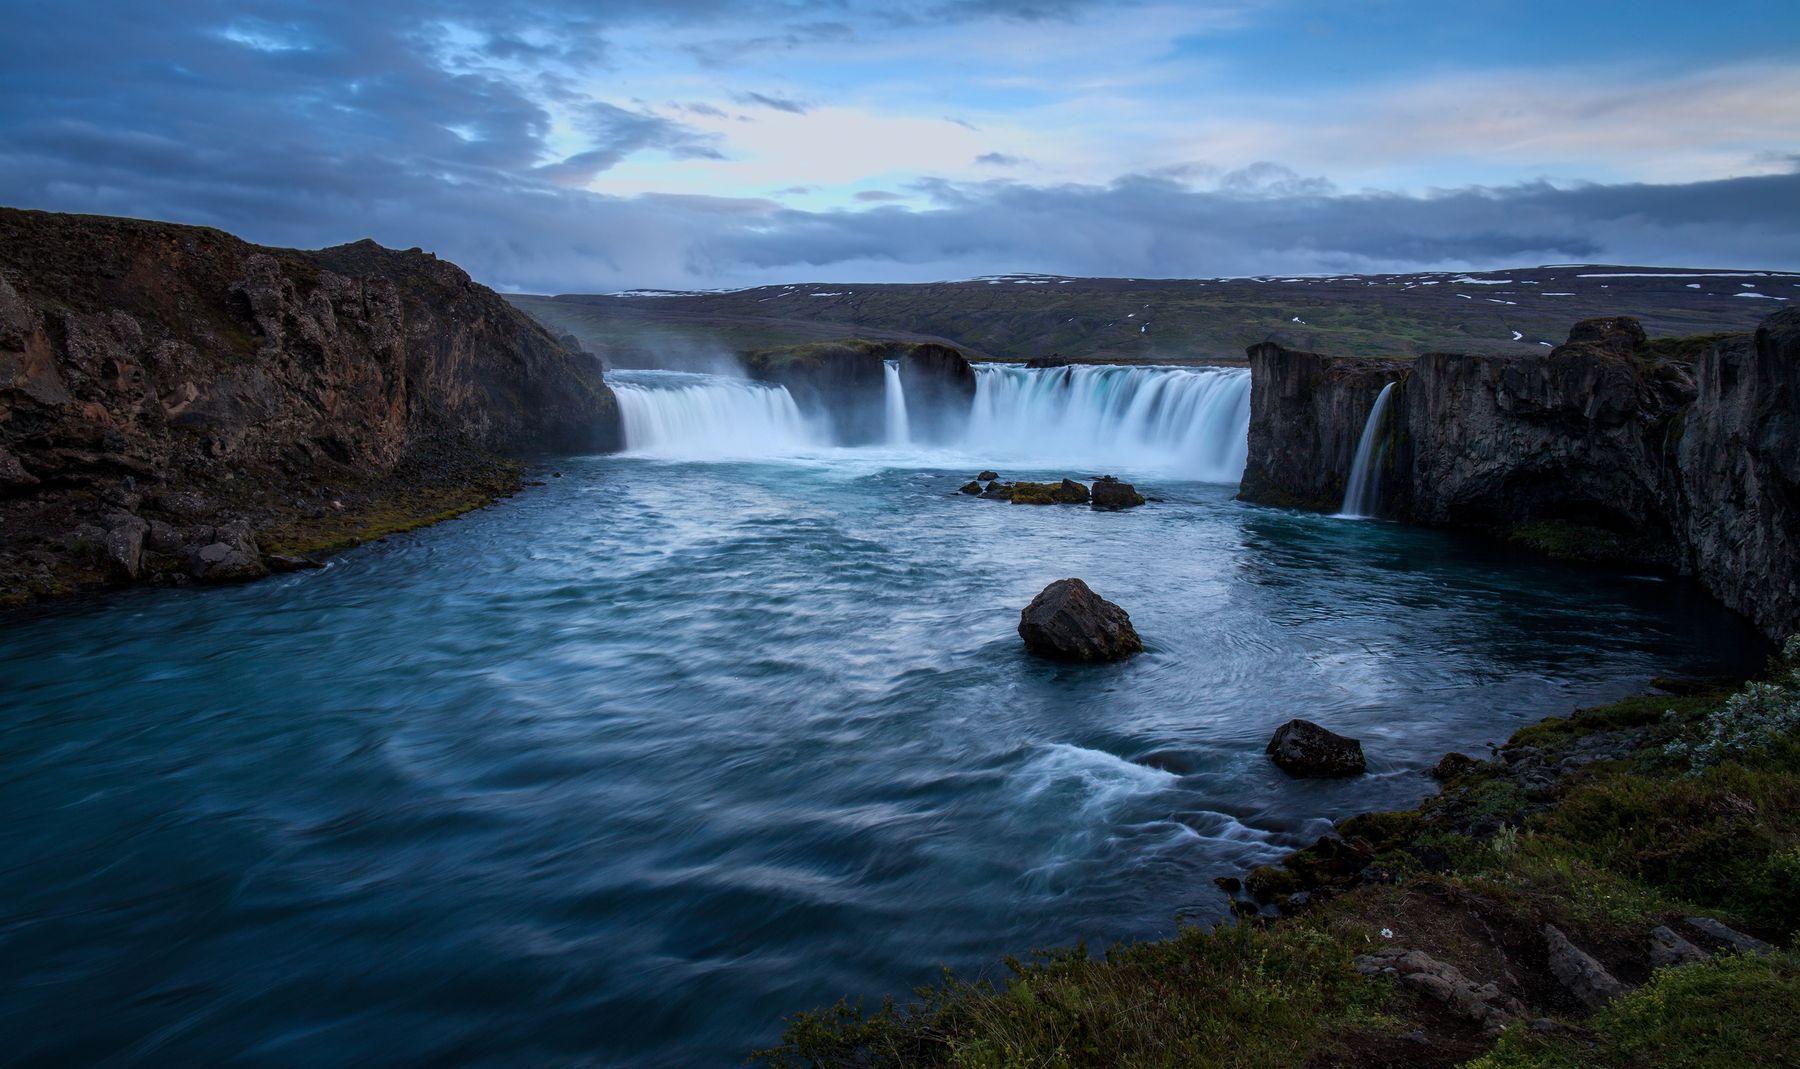 Водопад. Водопад Гудафосс Исландия